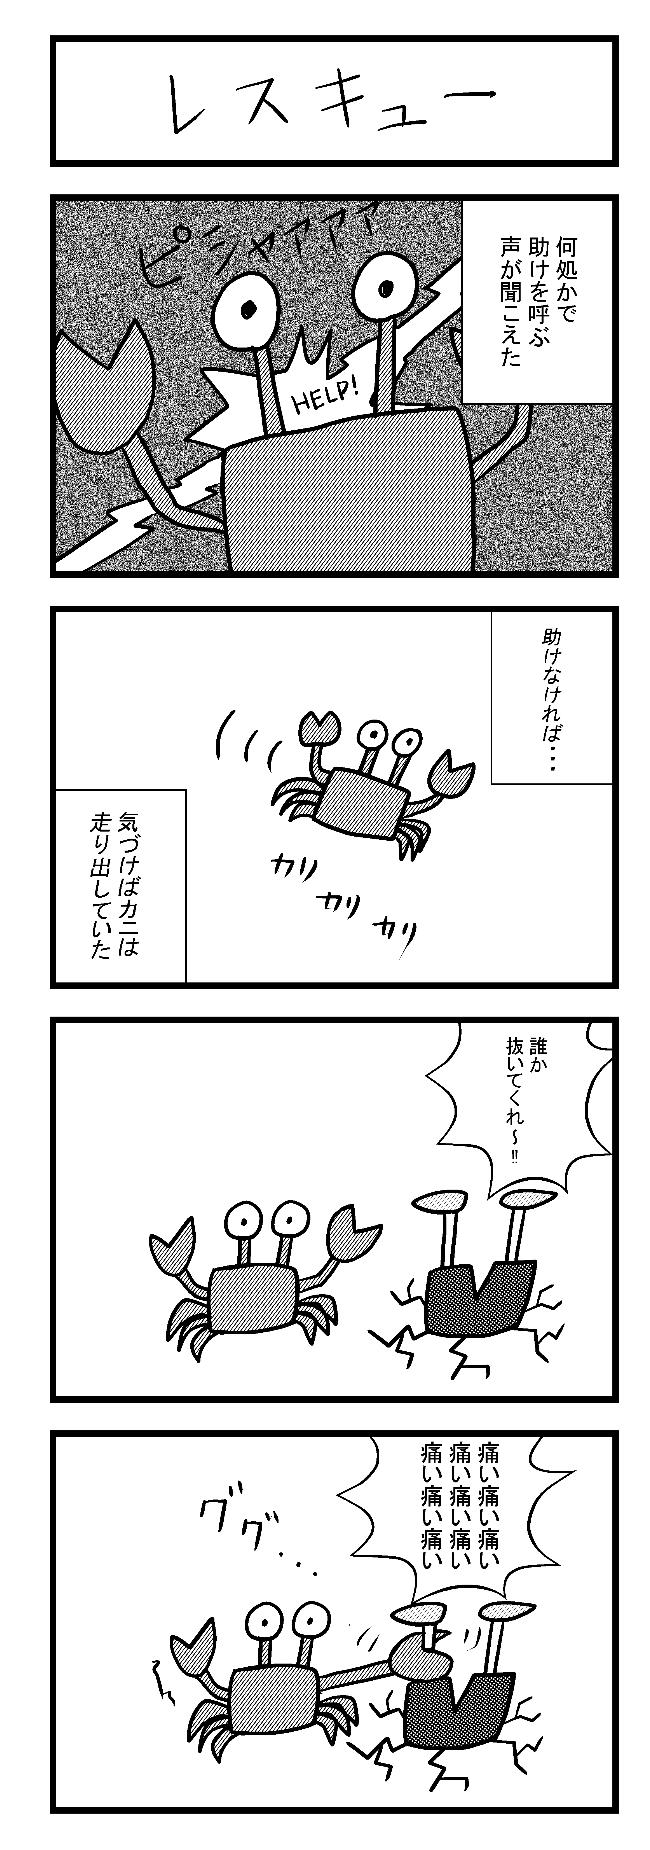 20201220_ピザ_web_1.png